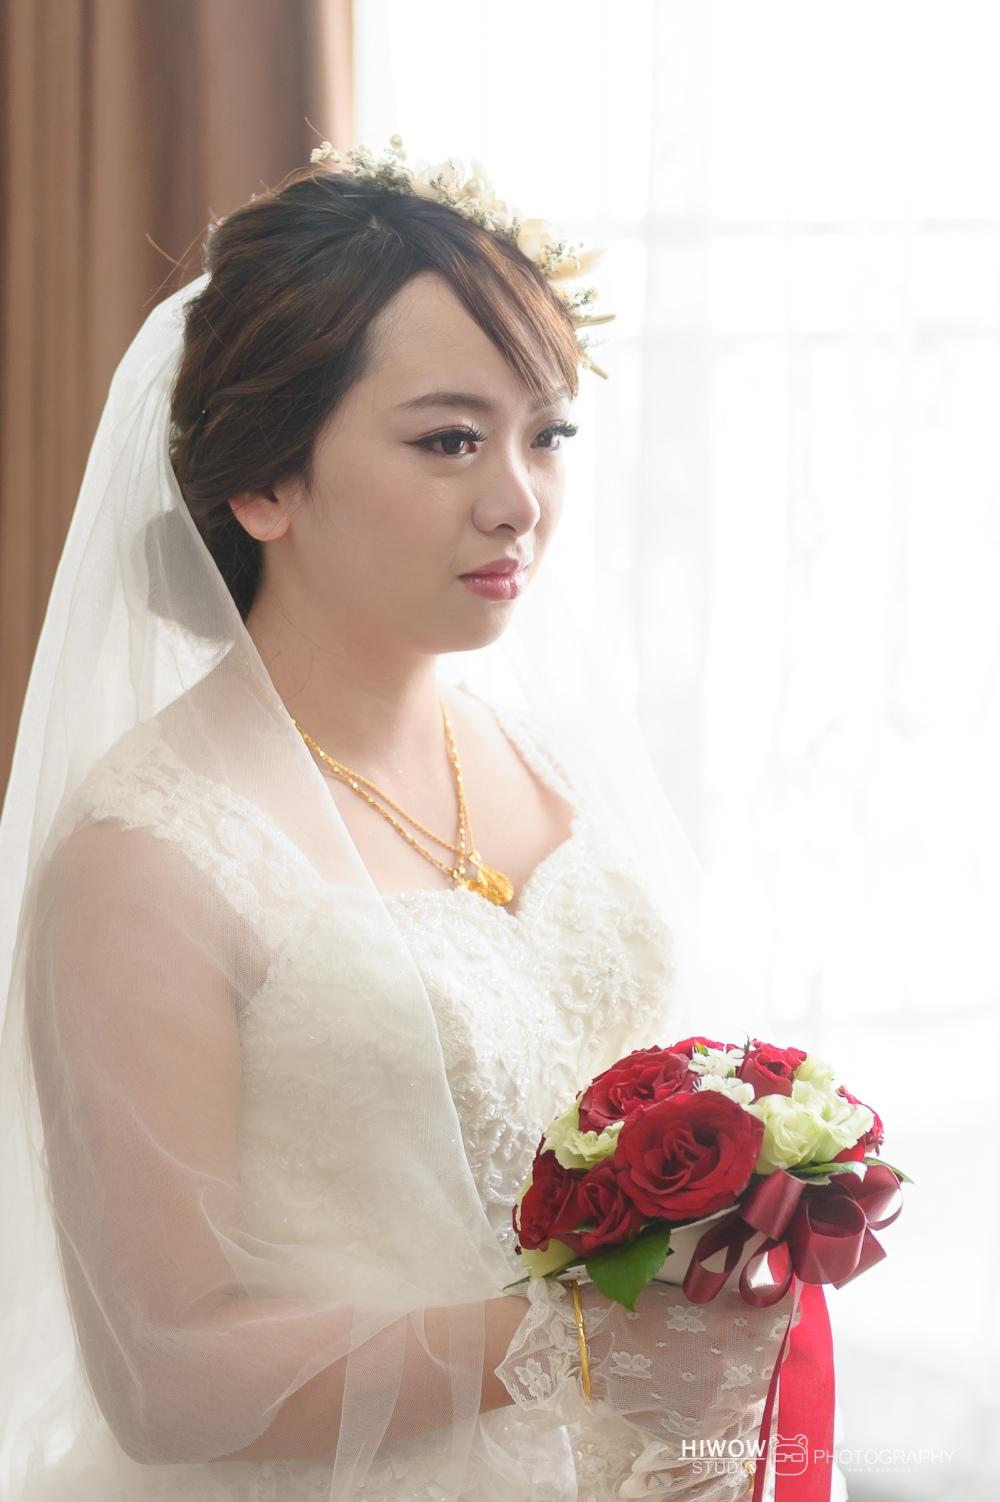 海蛙攝影:austin:hiwal.studio:婚攝:自助婚紗:婚禮紀錄:活動紀錄:淡水:福格飯店:富基采儷婚宴會館51